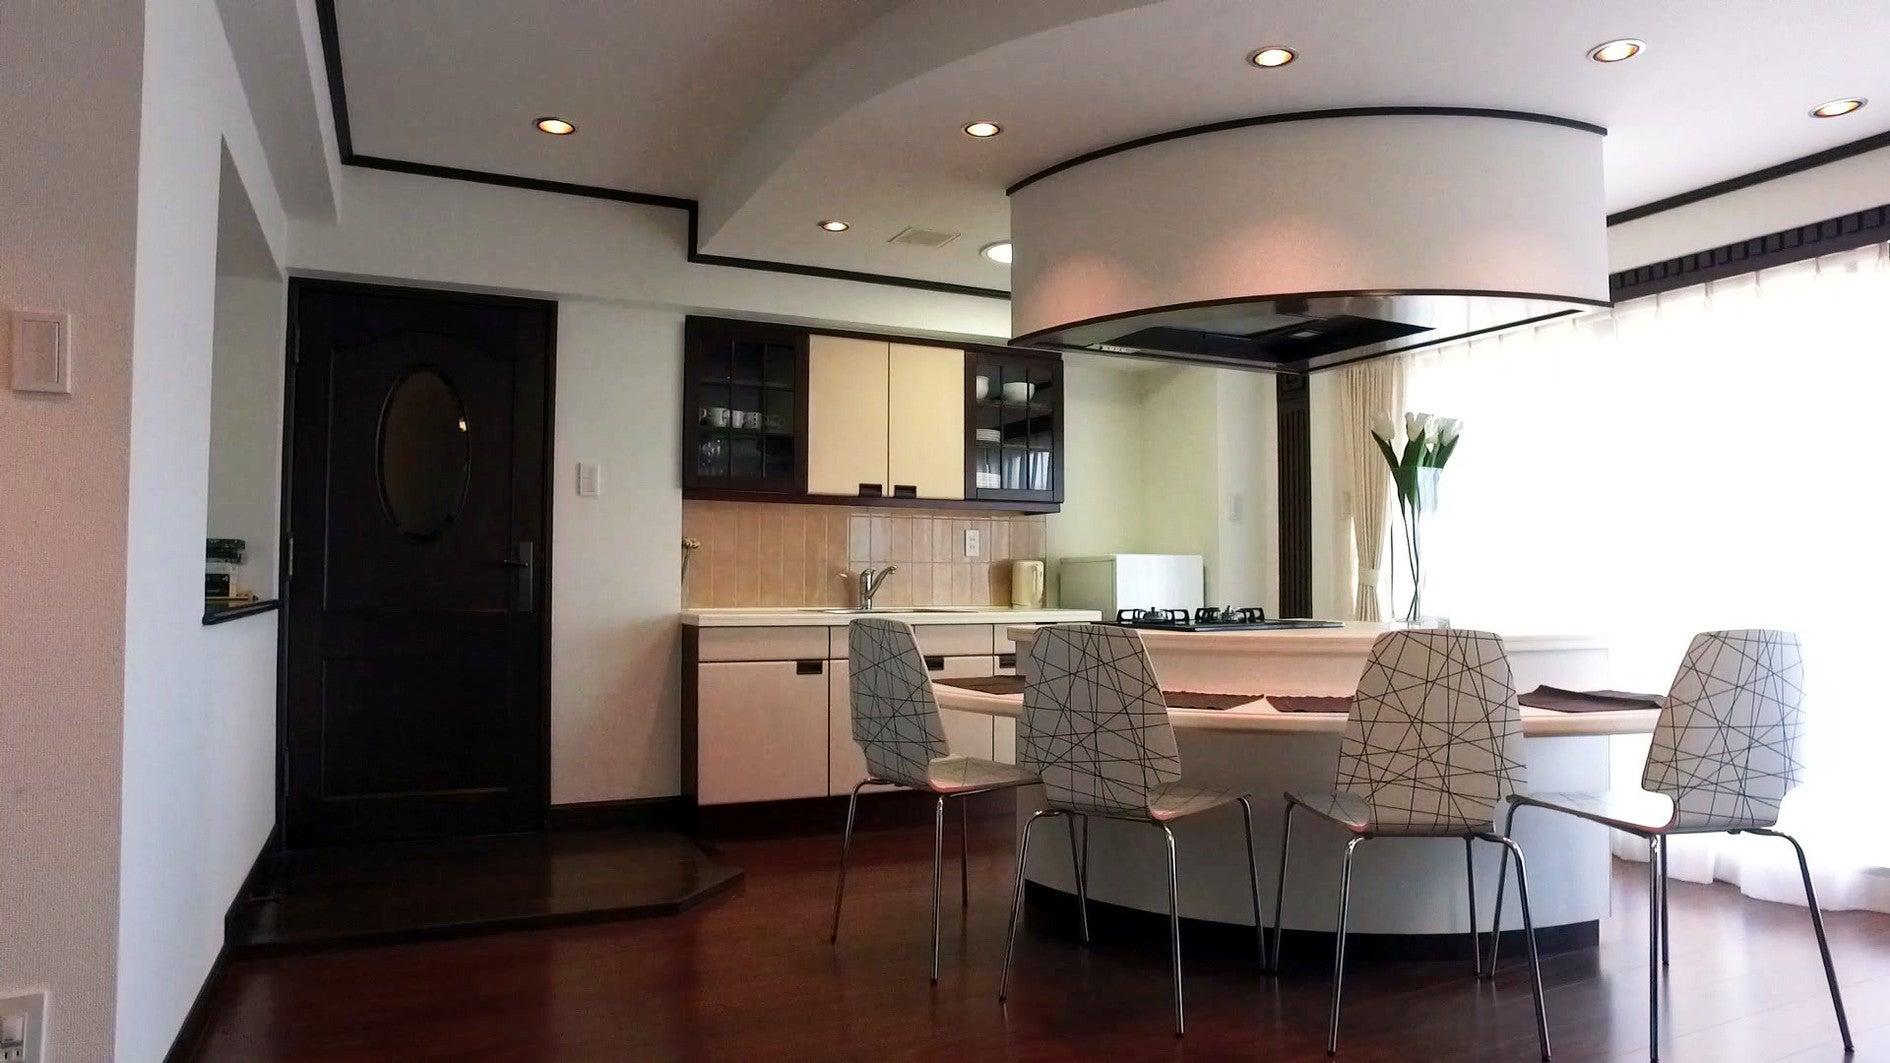 fan kitchen poggen pohlの扇型キッチン& KORLERの猫足バス 新宿なのに目前にビルはなく明るいお部屋 のサムネイル